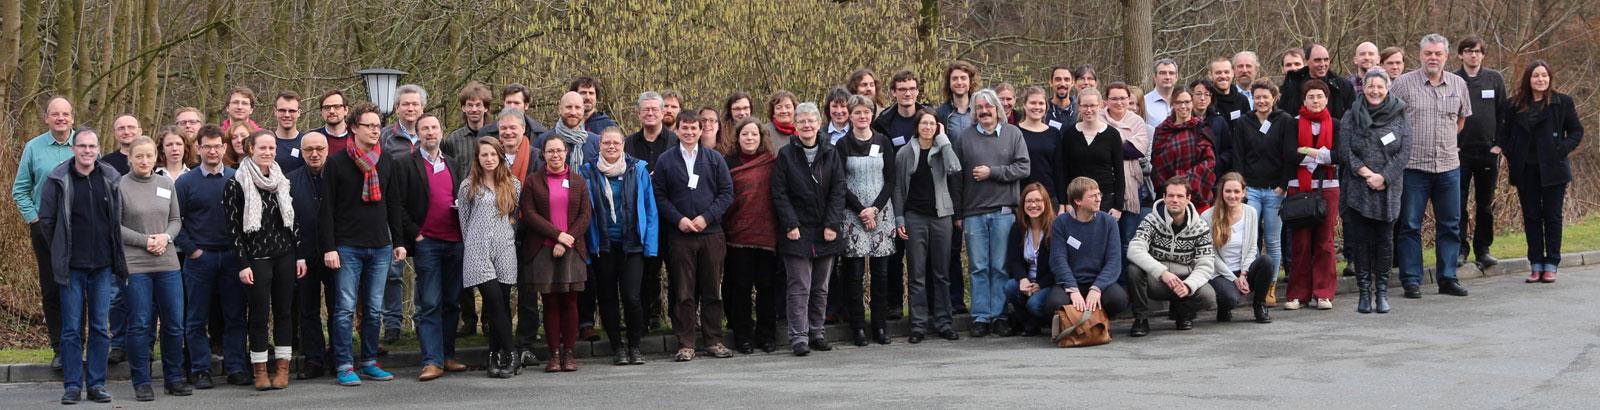 SFB members and guests Retreat Sankelmark